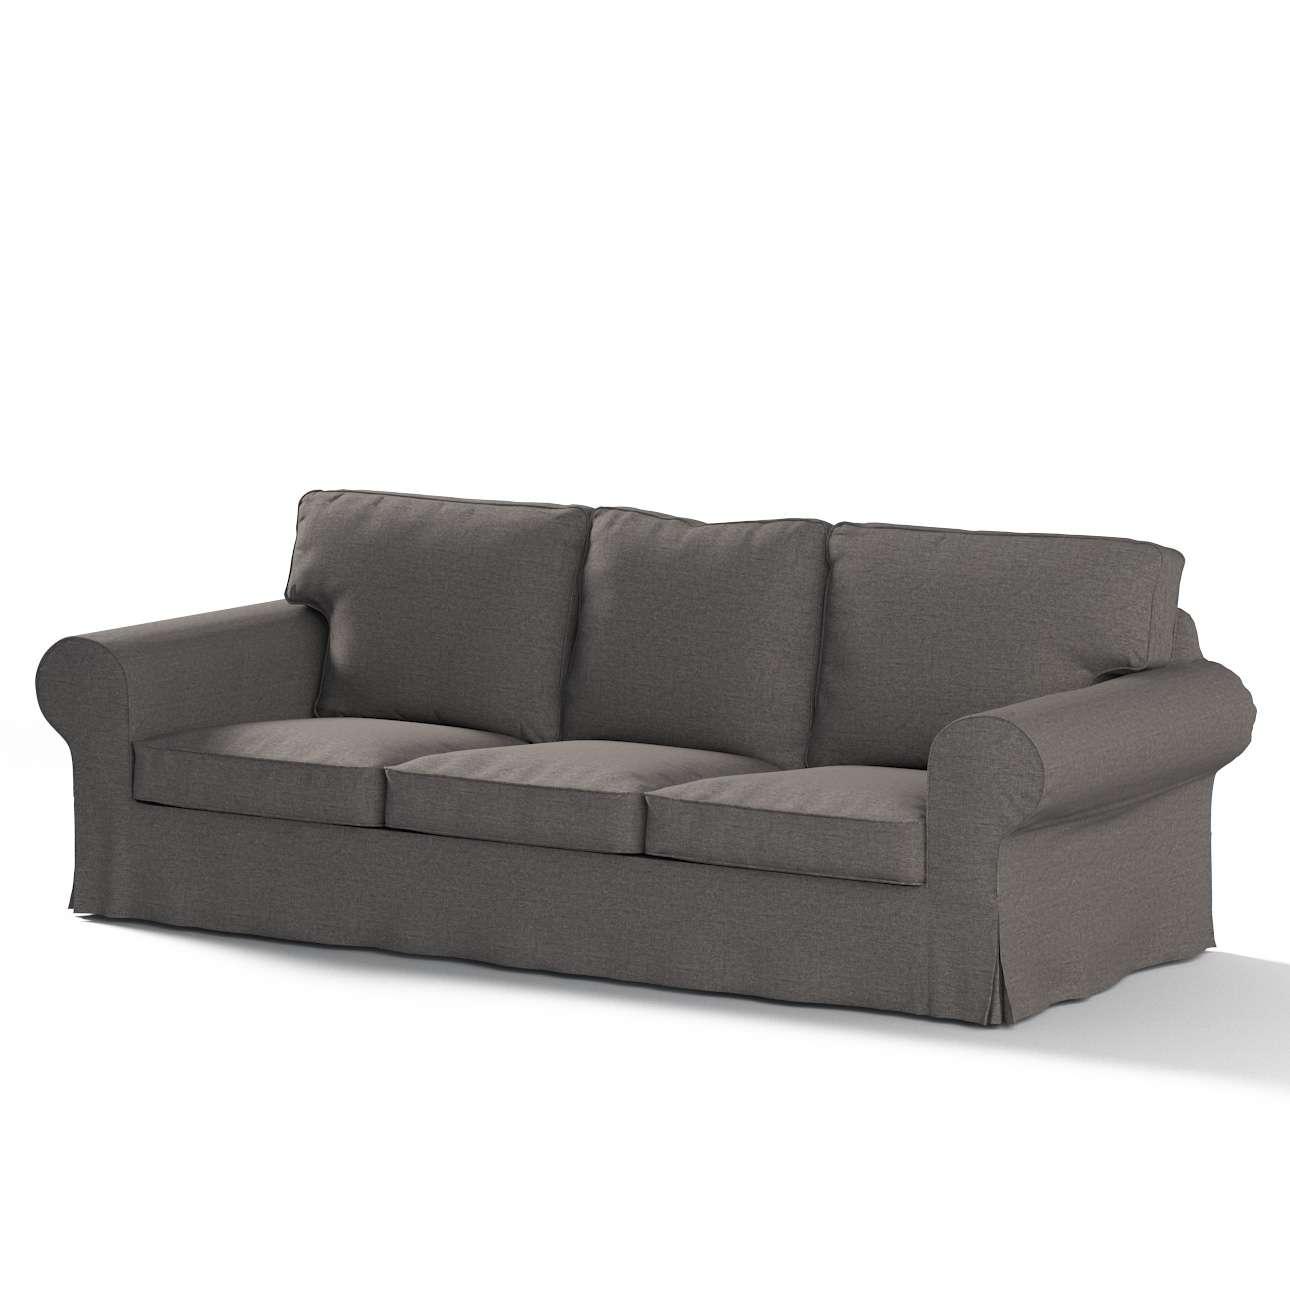 Pokrowiec na sofę Ektorp 3-osobową, rozkładaną w kolekcji Edinburgh, tkanina: 115-77